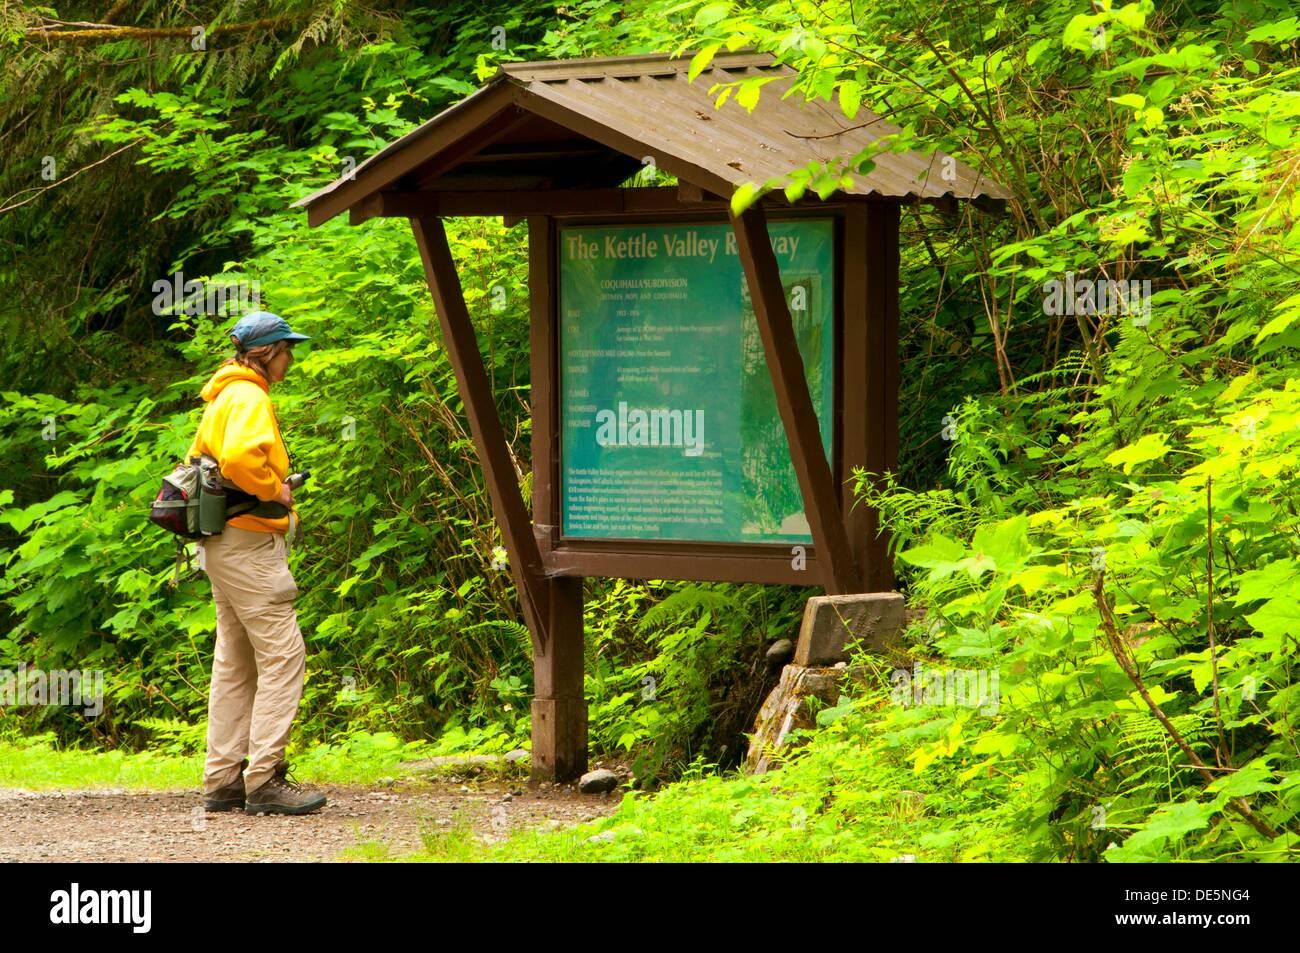 Information board, Coquihalla Canyon Parque Provincial de Columbia Británica, Canadá Foto de stock